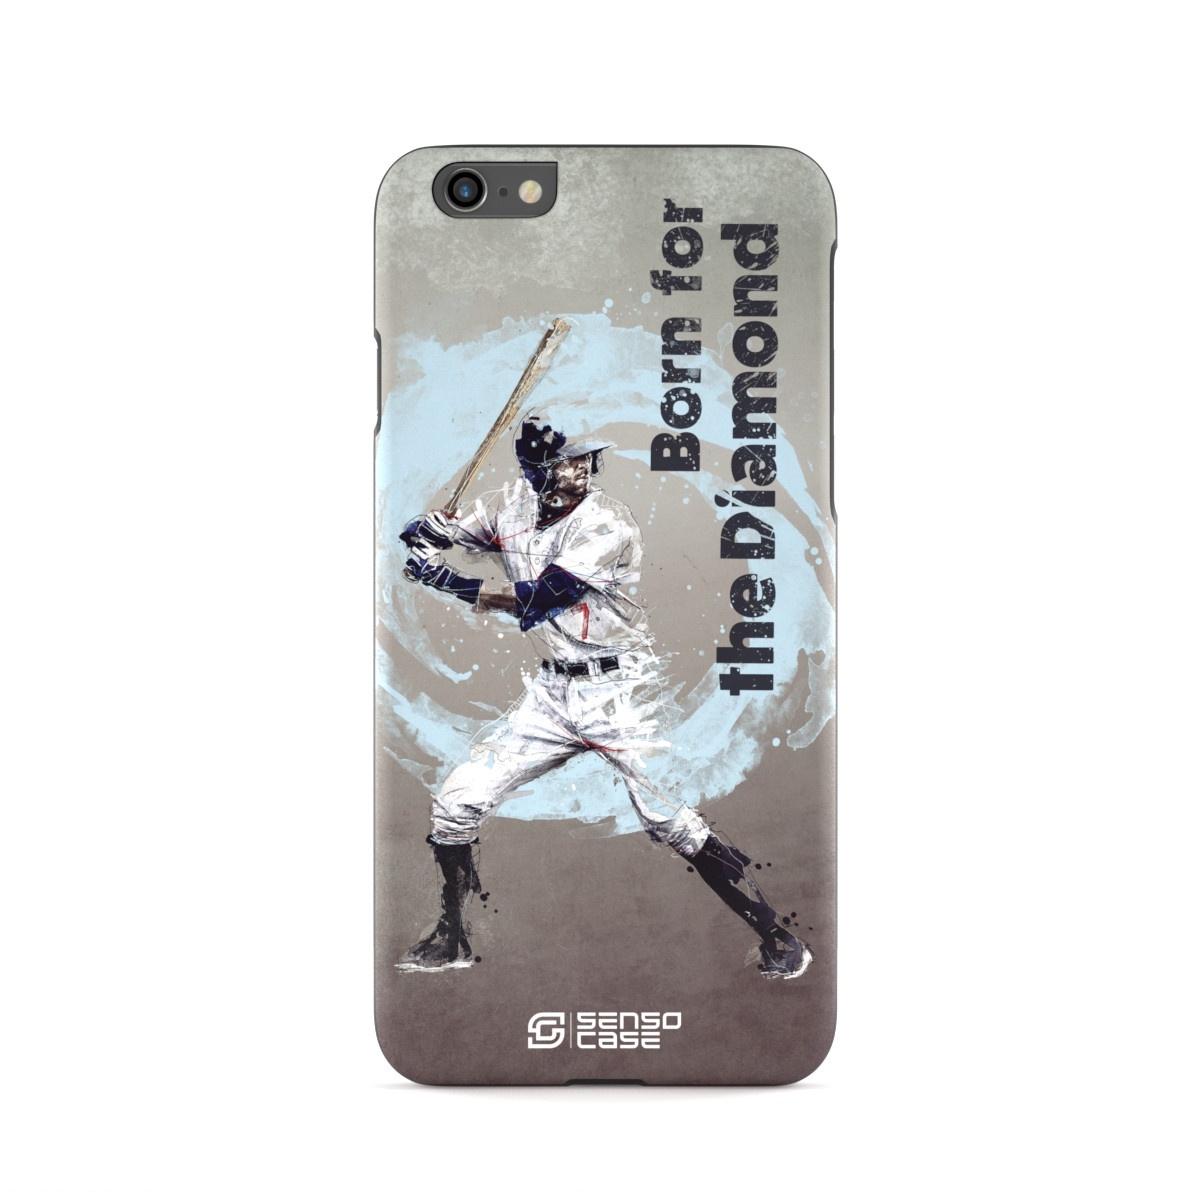 """Чехол для сотового телефона SensoCase iPhone 6/6s """"Бейсбол"""" , SC-IP6-baseball + защитное стекло в подарок, 100115"""